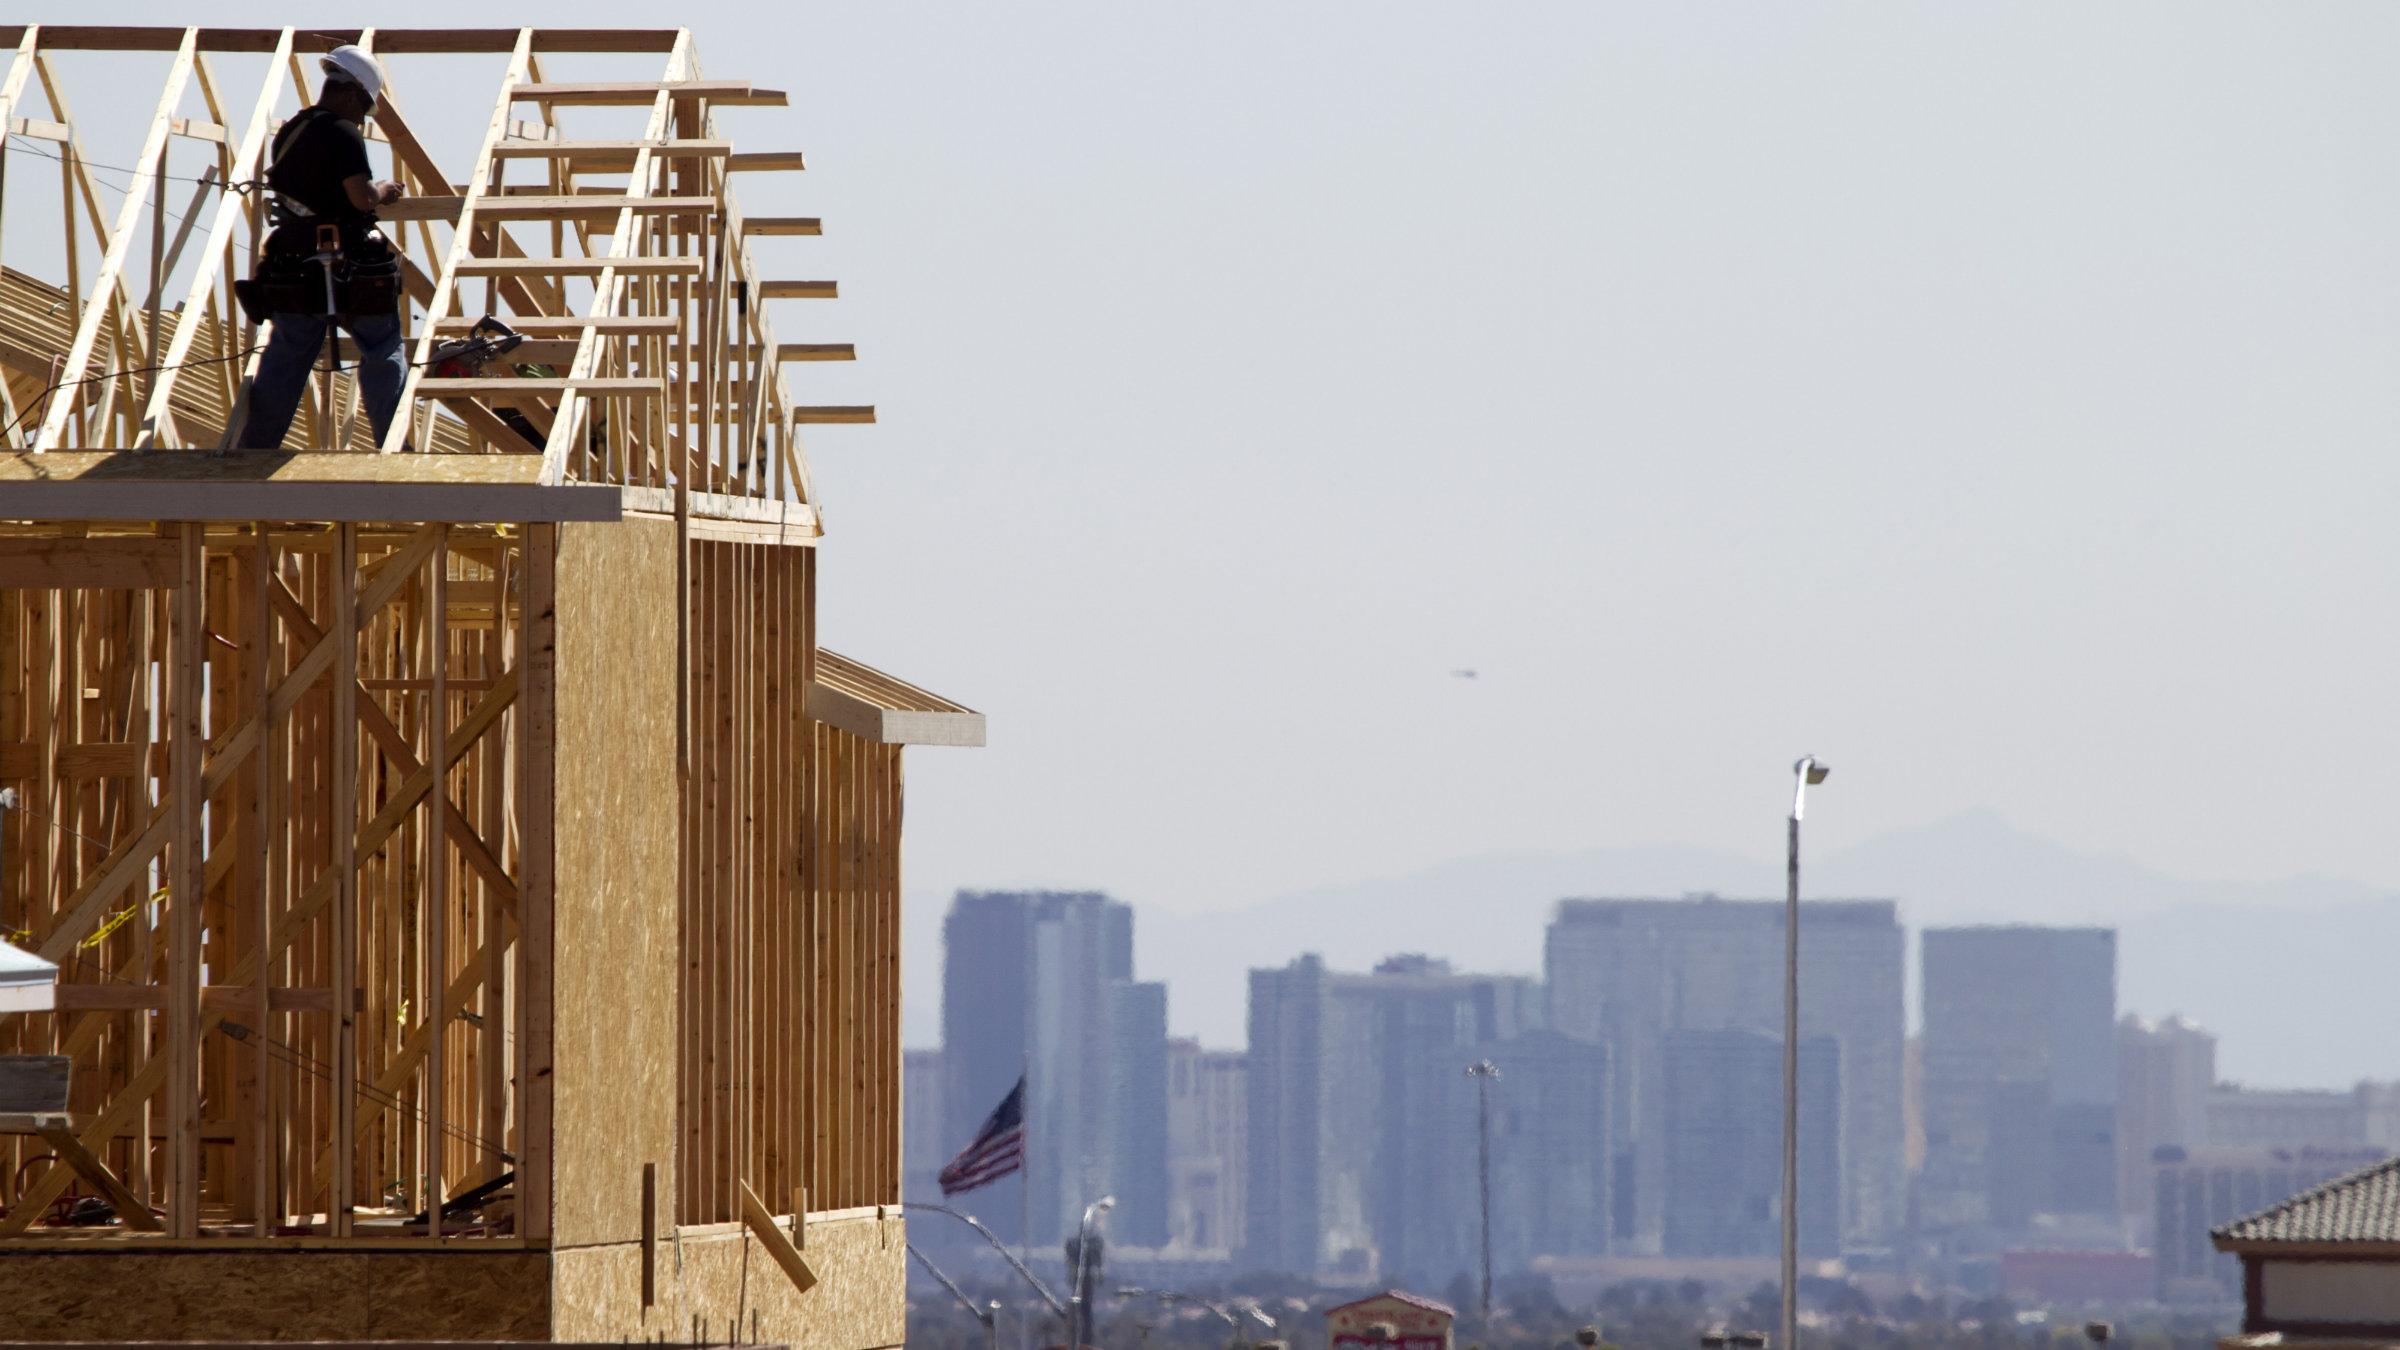 House building city skyline